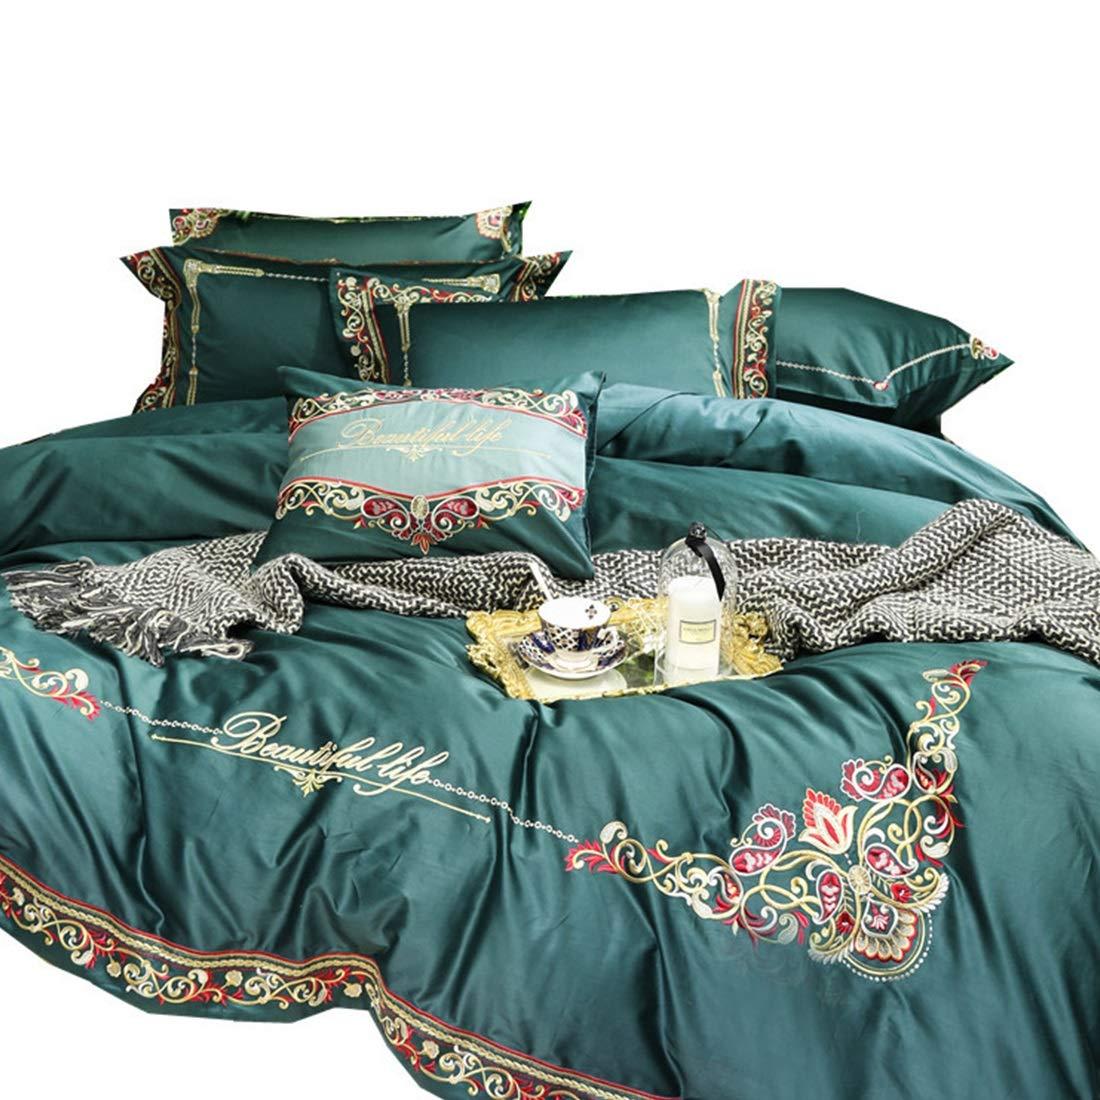 Kainuoo 4枚のシンプルなエメラルドピュアコットン寝具セット (Size : QUEEN) B07N837C62  Queen